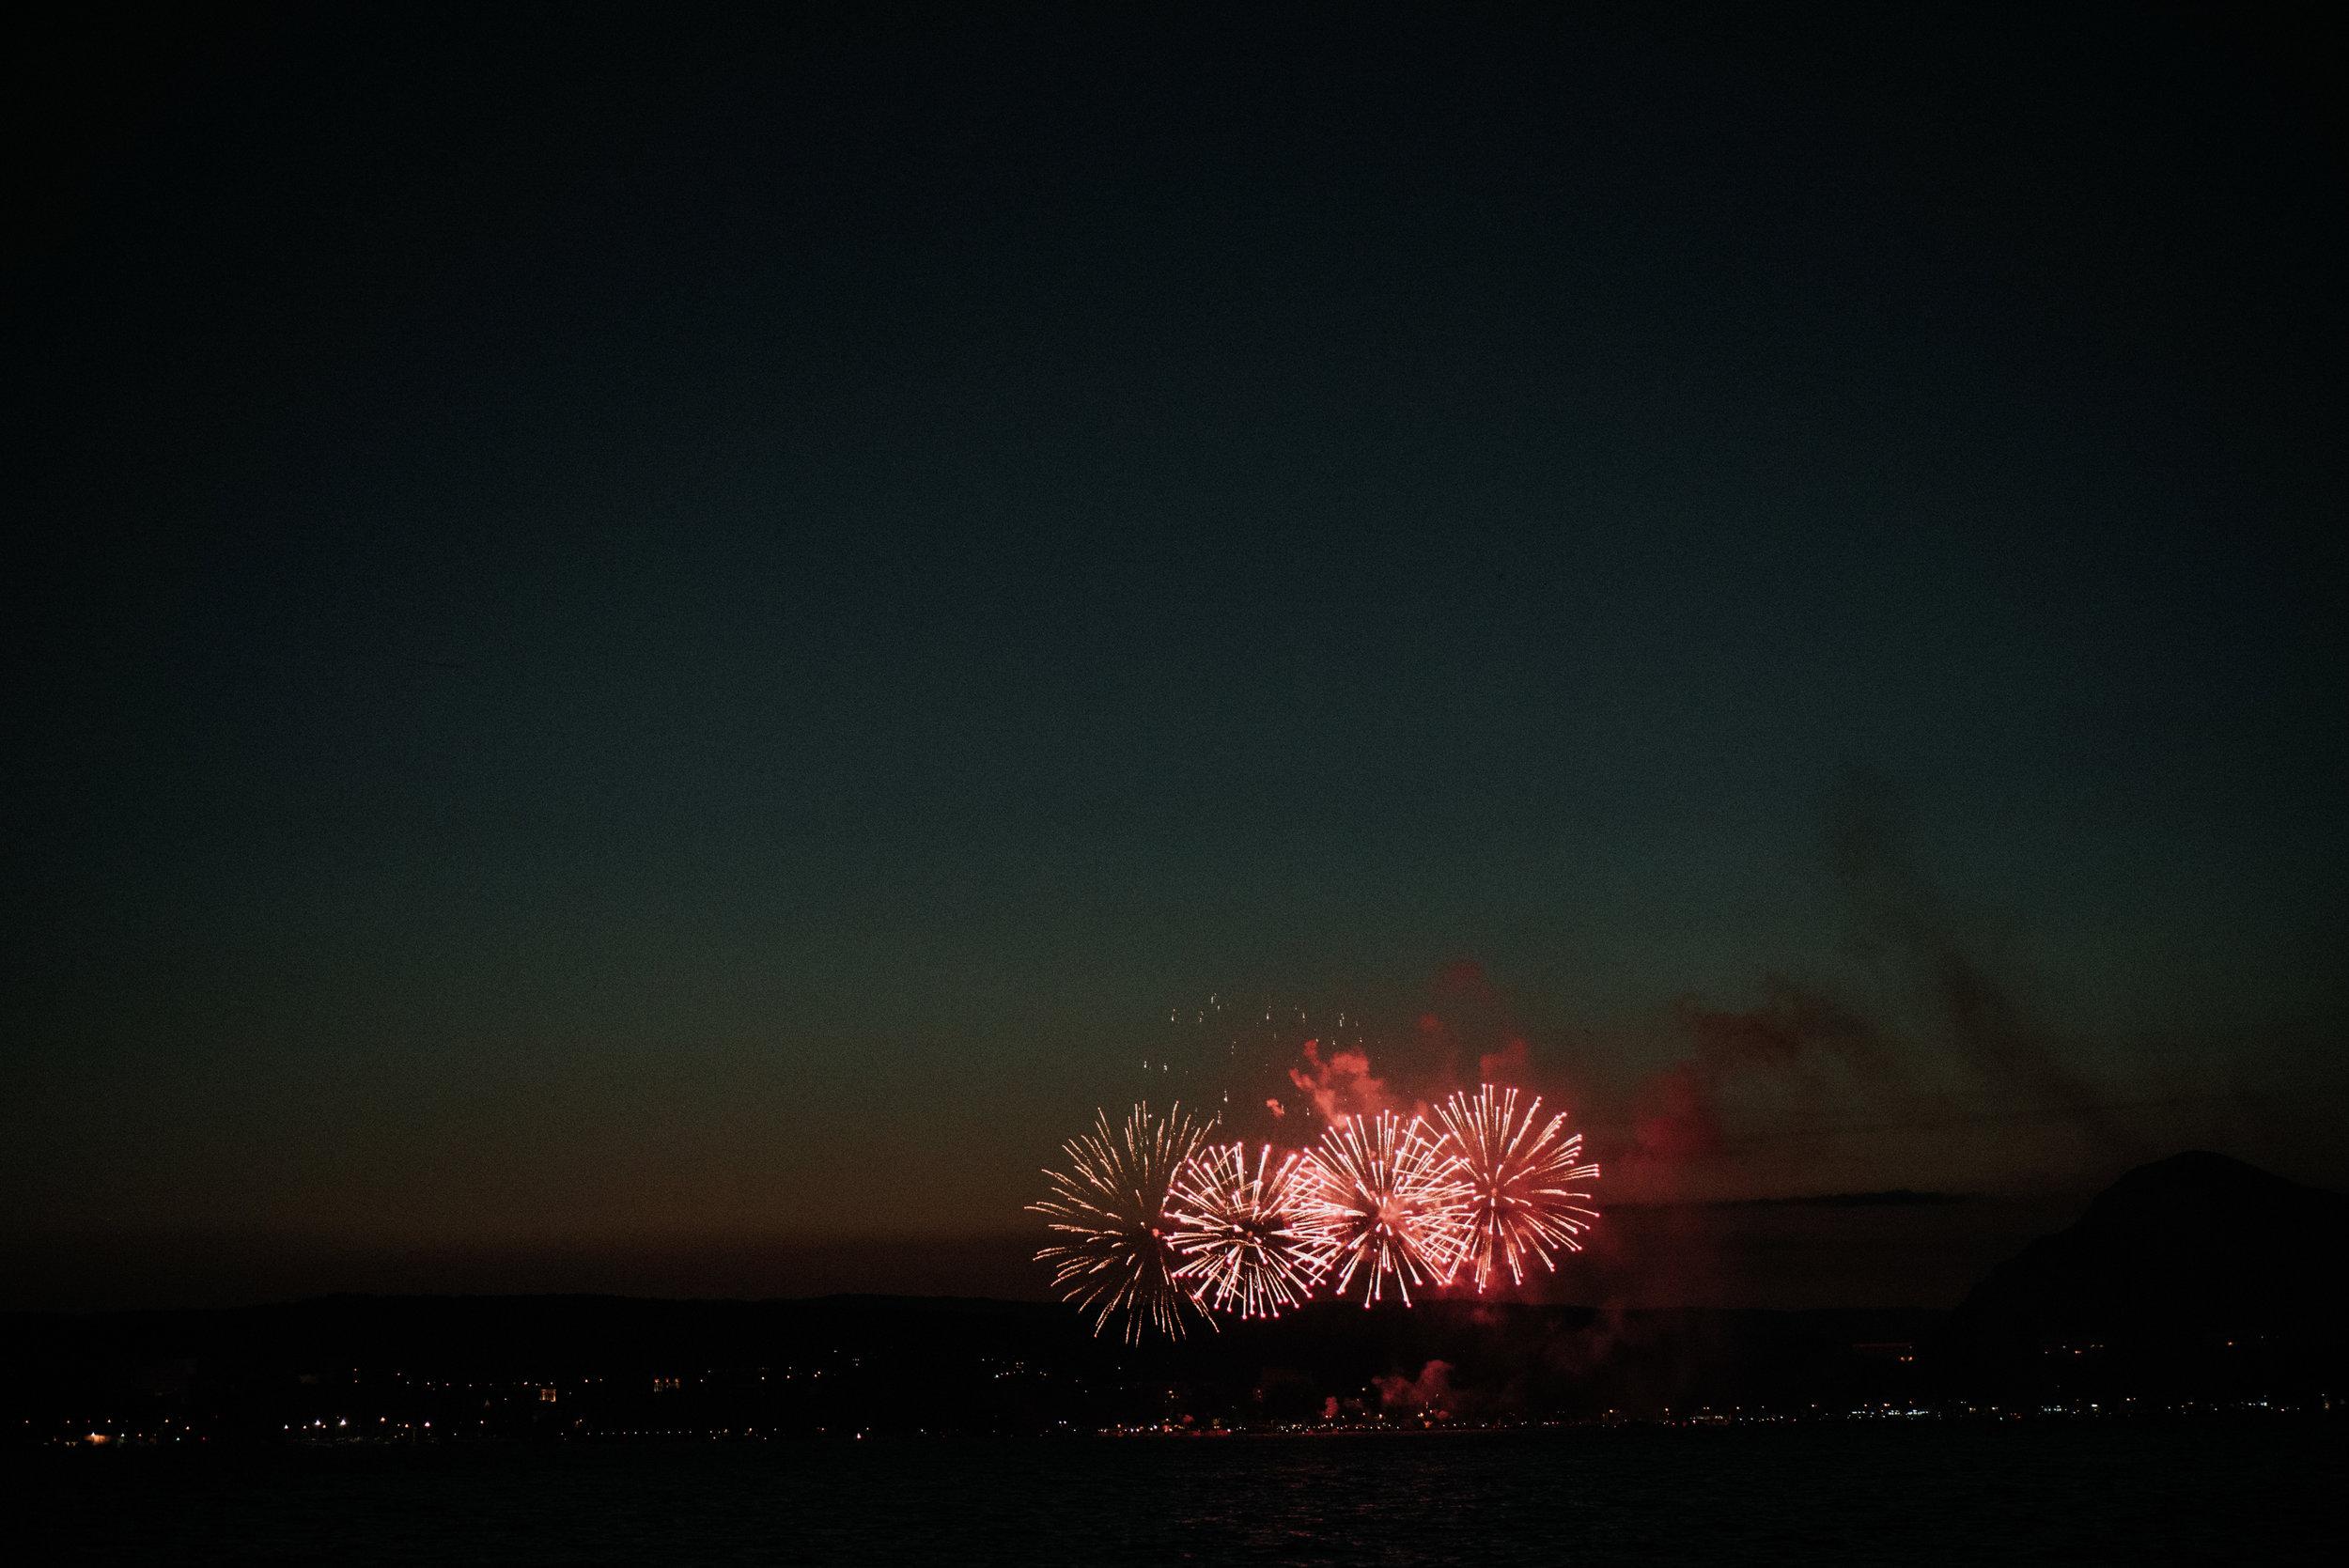 Léa-Fery-photographe-professionnel-lyon-rhone-alpes-portrait-creation-mariage-evenement-evenementiel-famille-0026.jpg